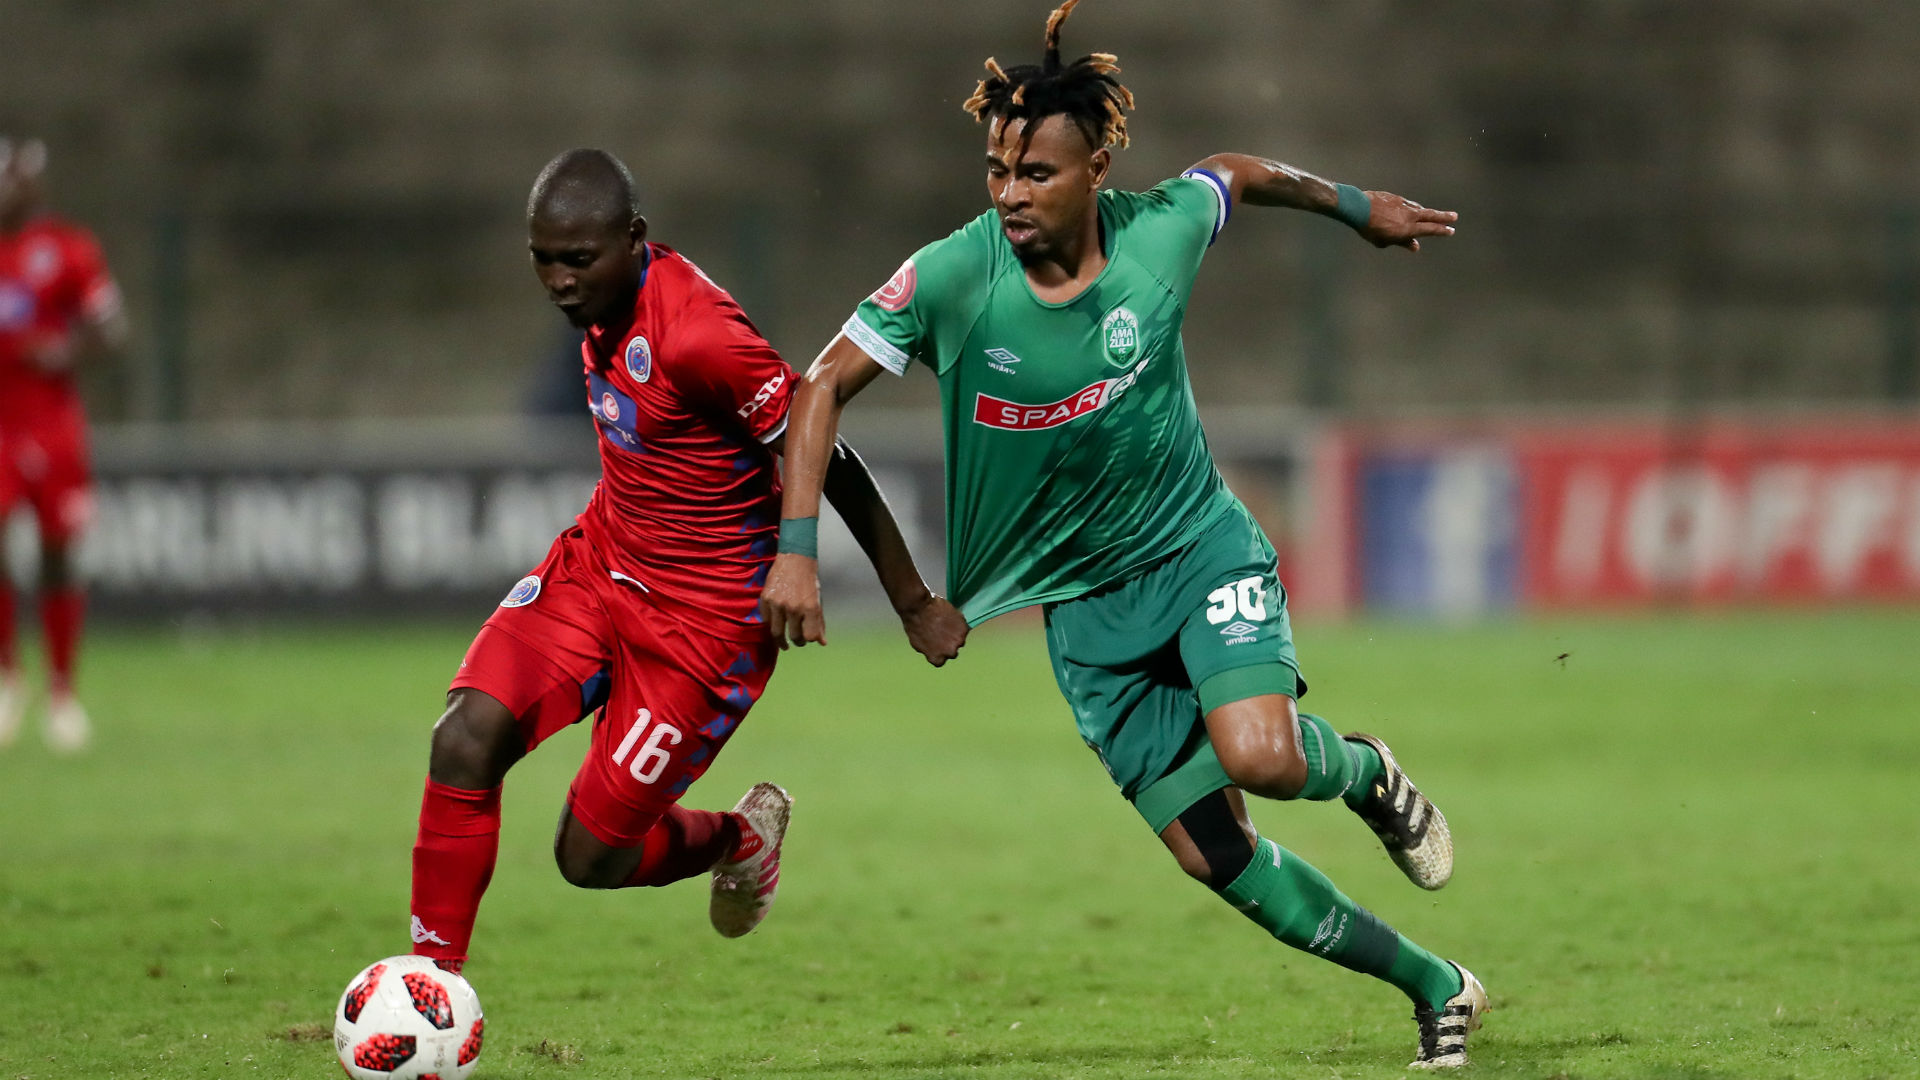 Aubrey Modiba of Supersport United and Nhlanhla Vilakazi of AmaZulu, April 2019